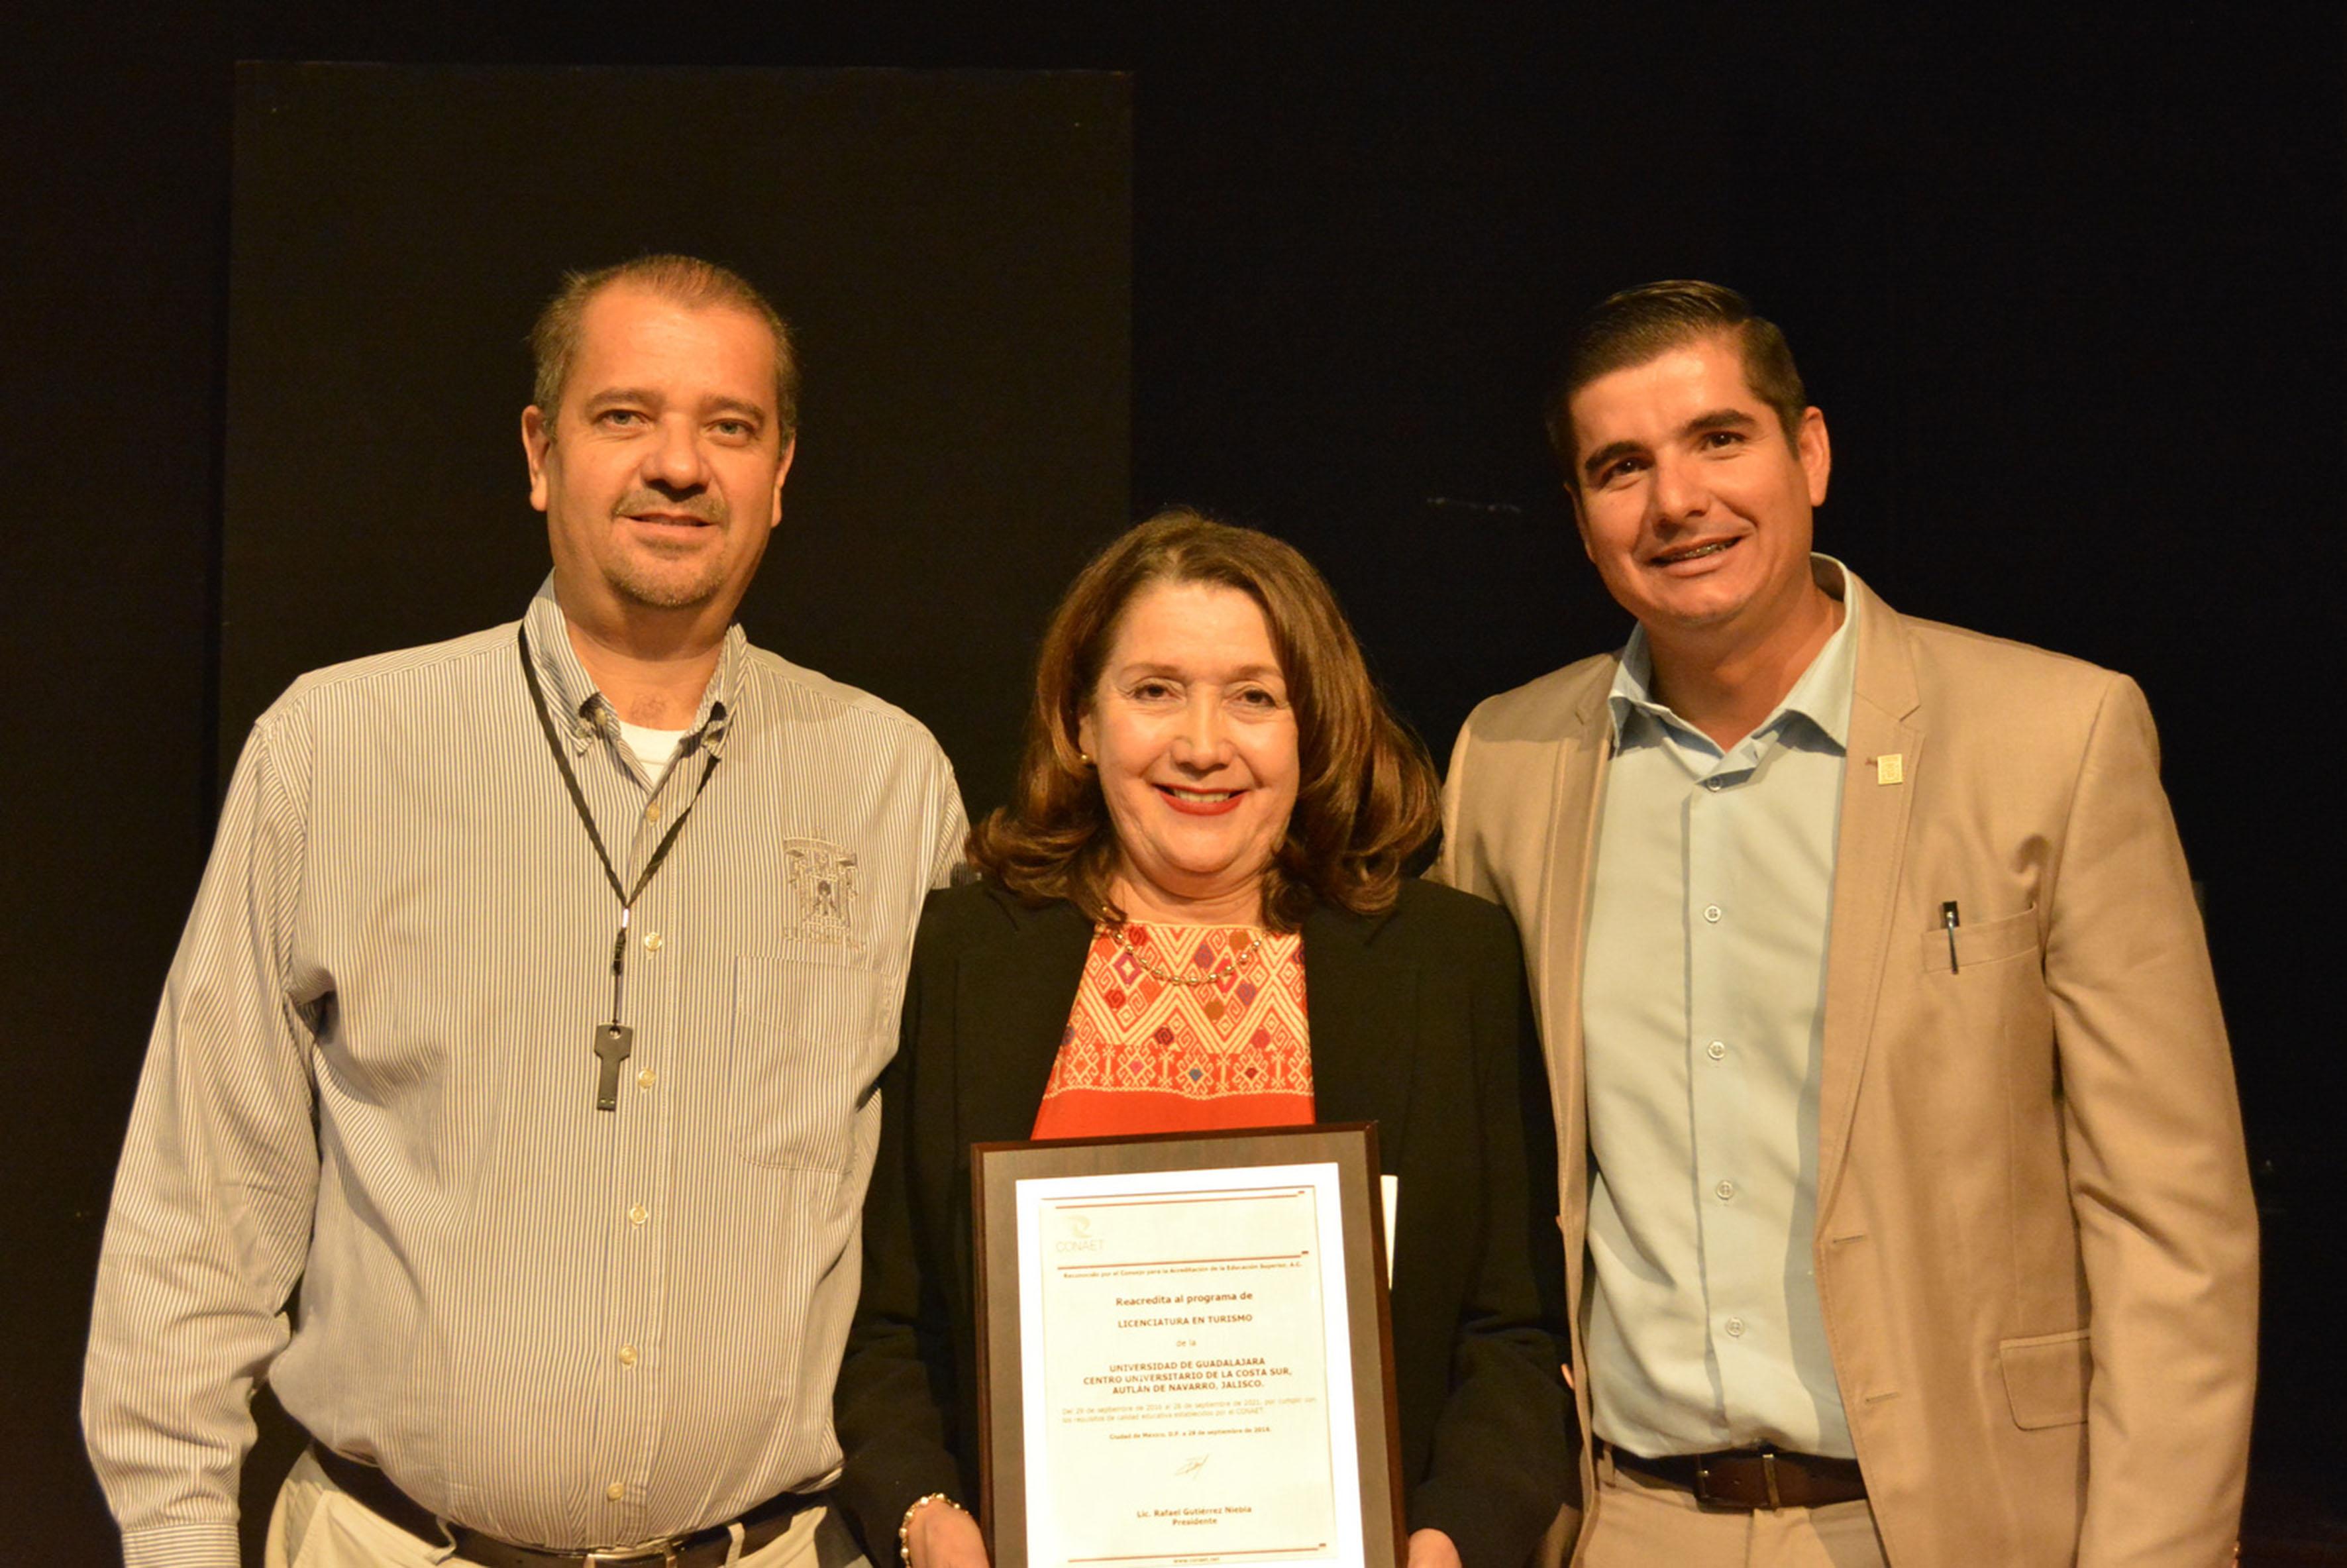 Doctora Lilia Victoria Oliver Sánchez, Rectora del CUCSur, mostrando reacreditación, a un lado de profesores de la carrera de turismo.